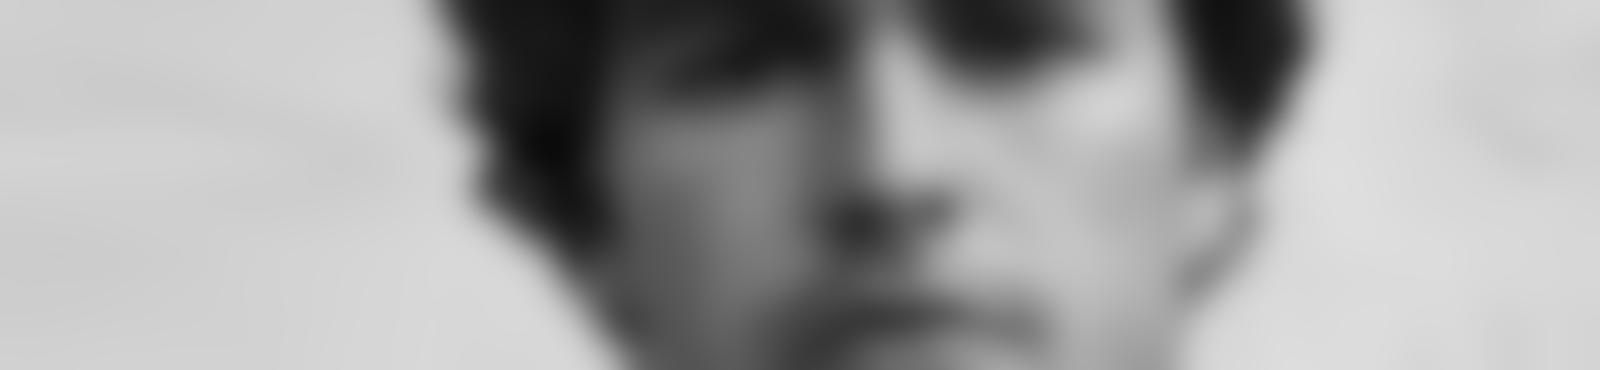 Blurred 1ad7f1dc 922d 49a9 917a 0003a7c8da82